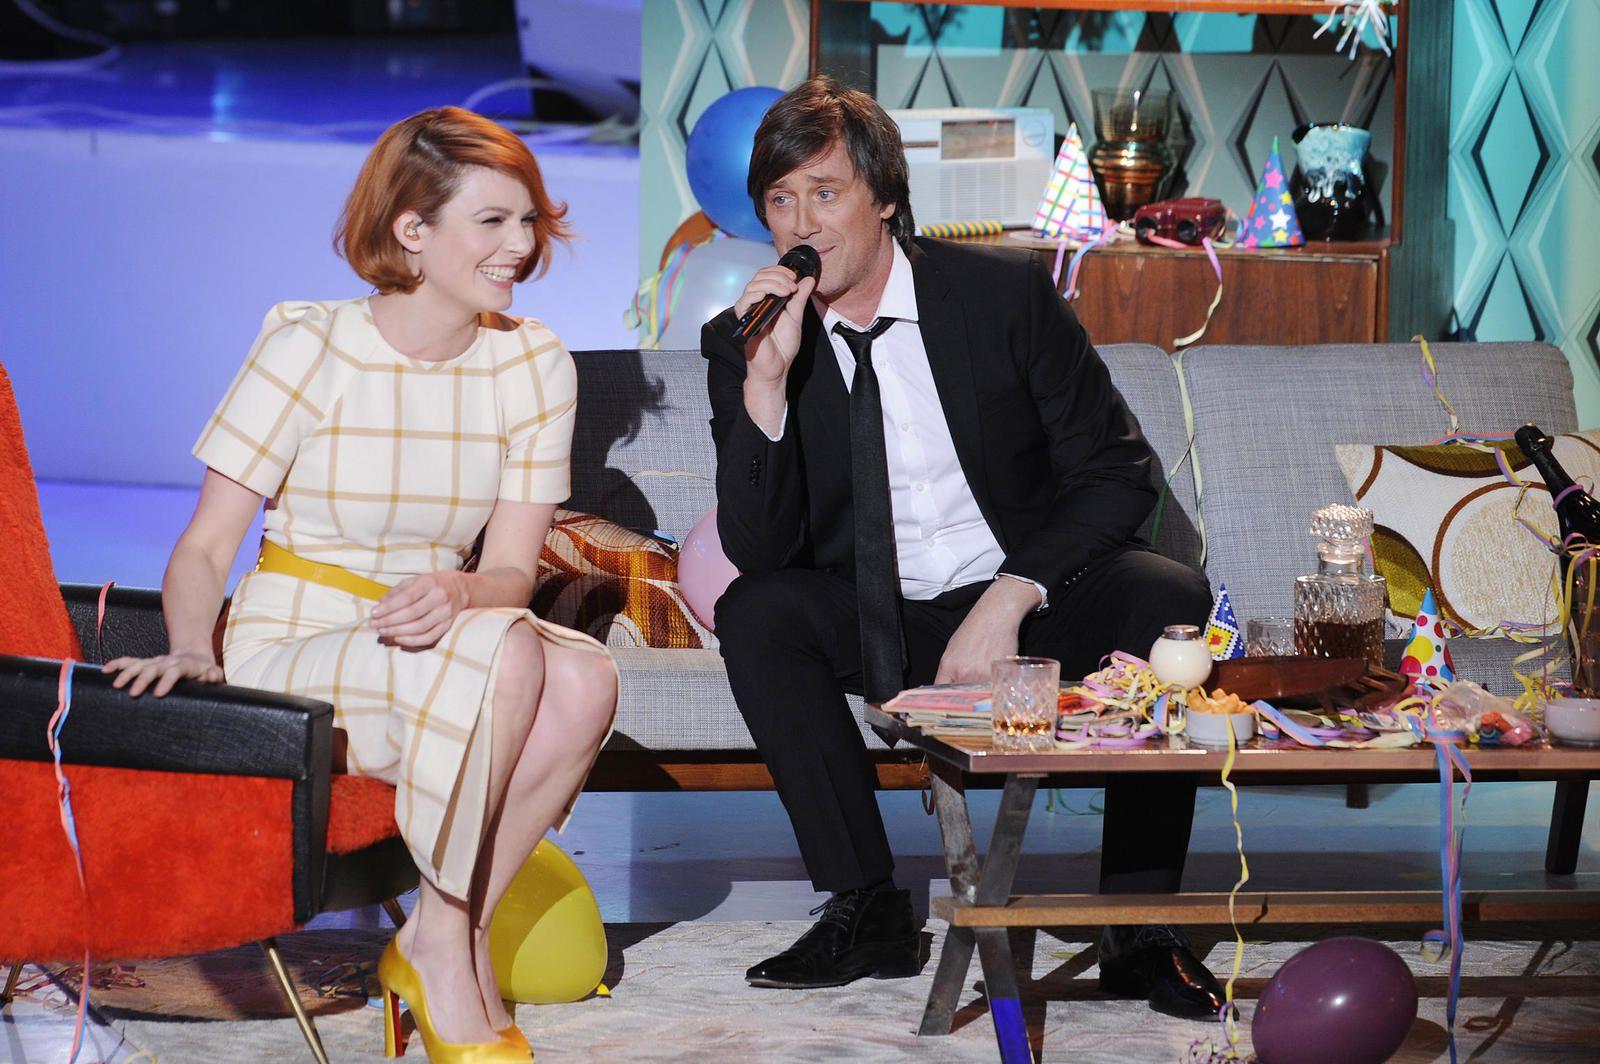 Allez viens, je t'emmène... dans les sixties ! ce vendredi soir sur France 3 (extrait avec Christophe et Élodie Frégé).